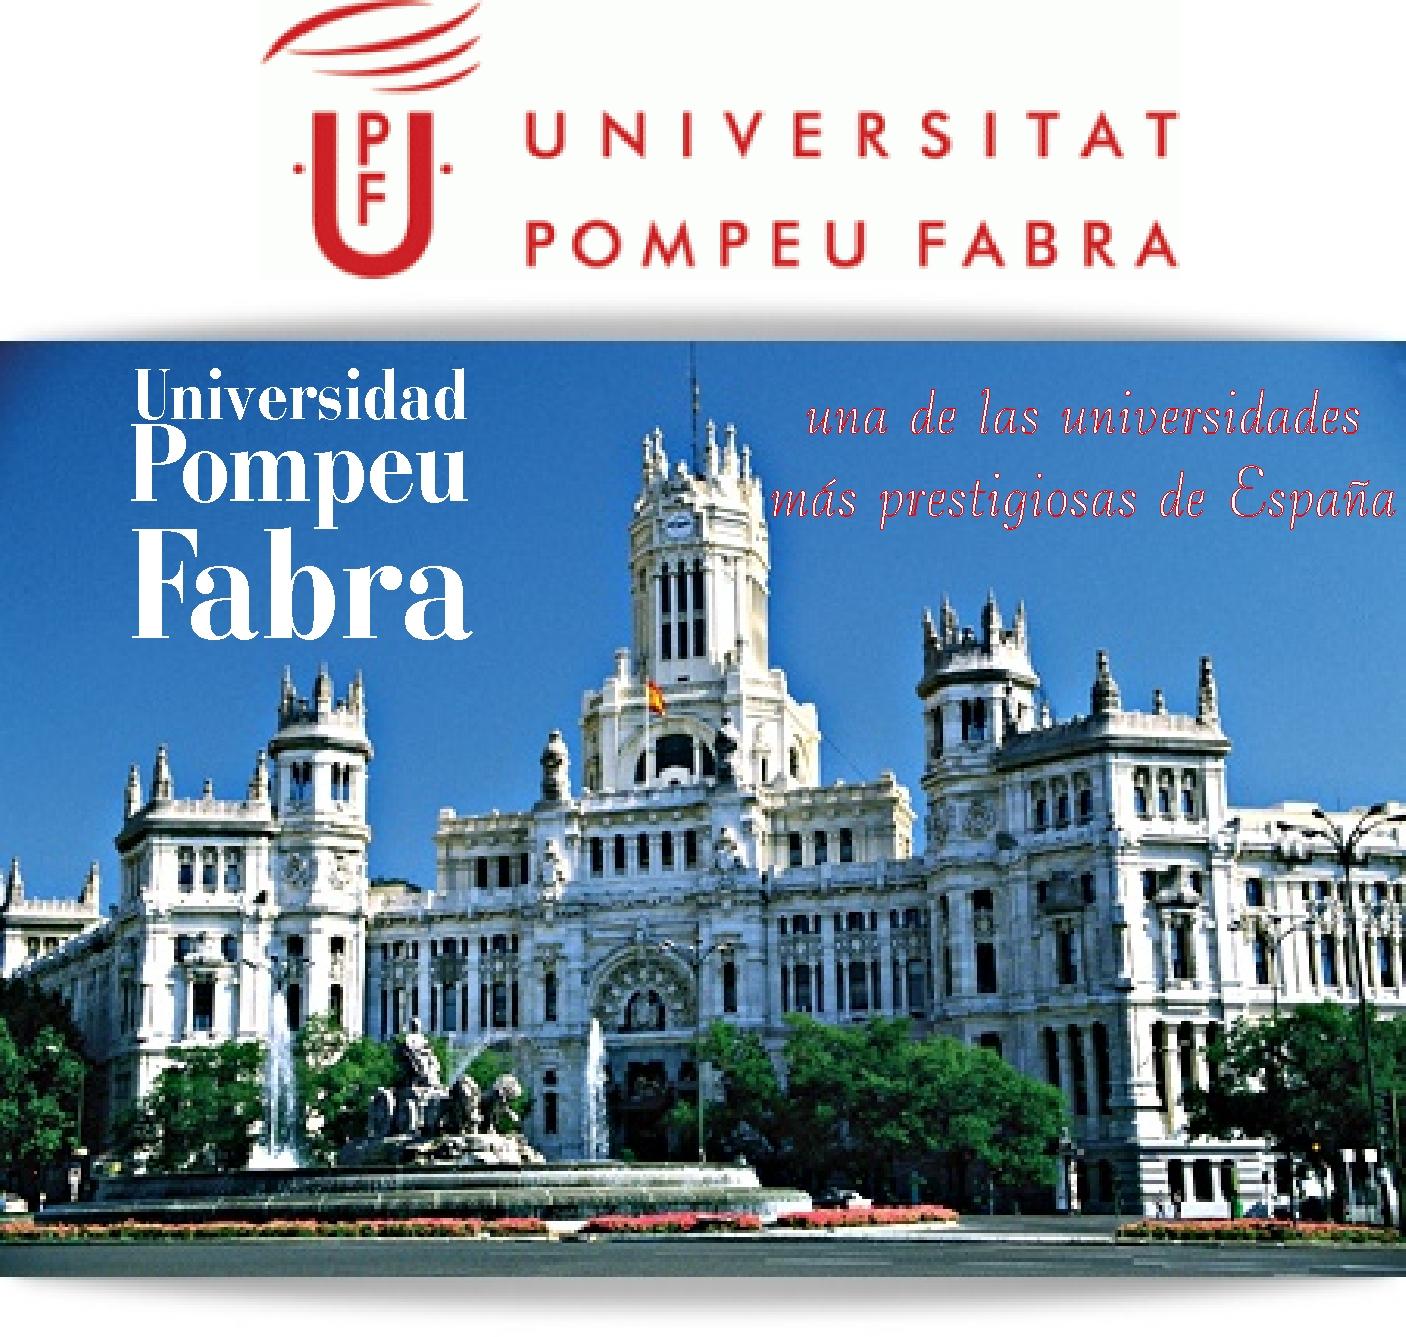 Universidad Pompeu Fabra, una de las universidades más prestigiosas de España